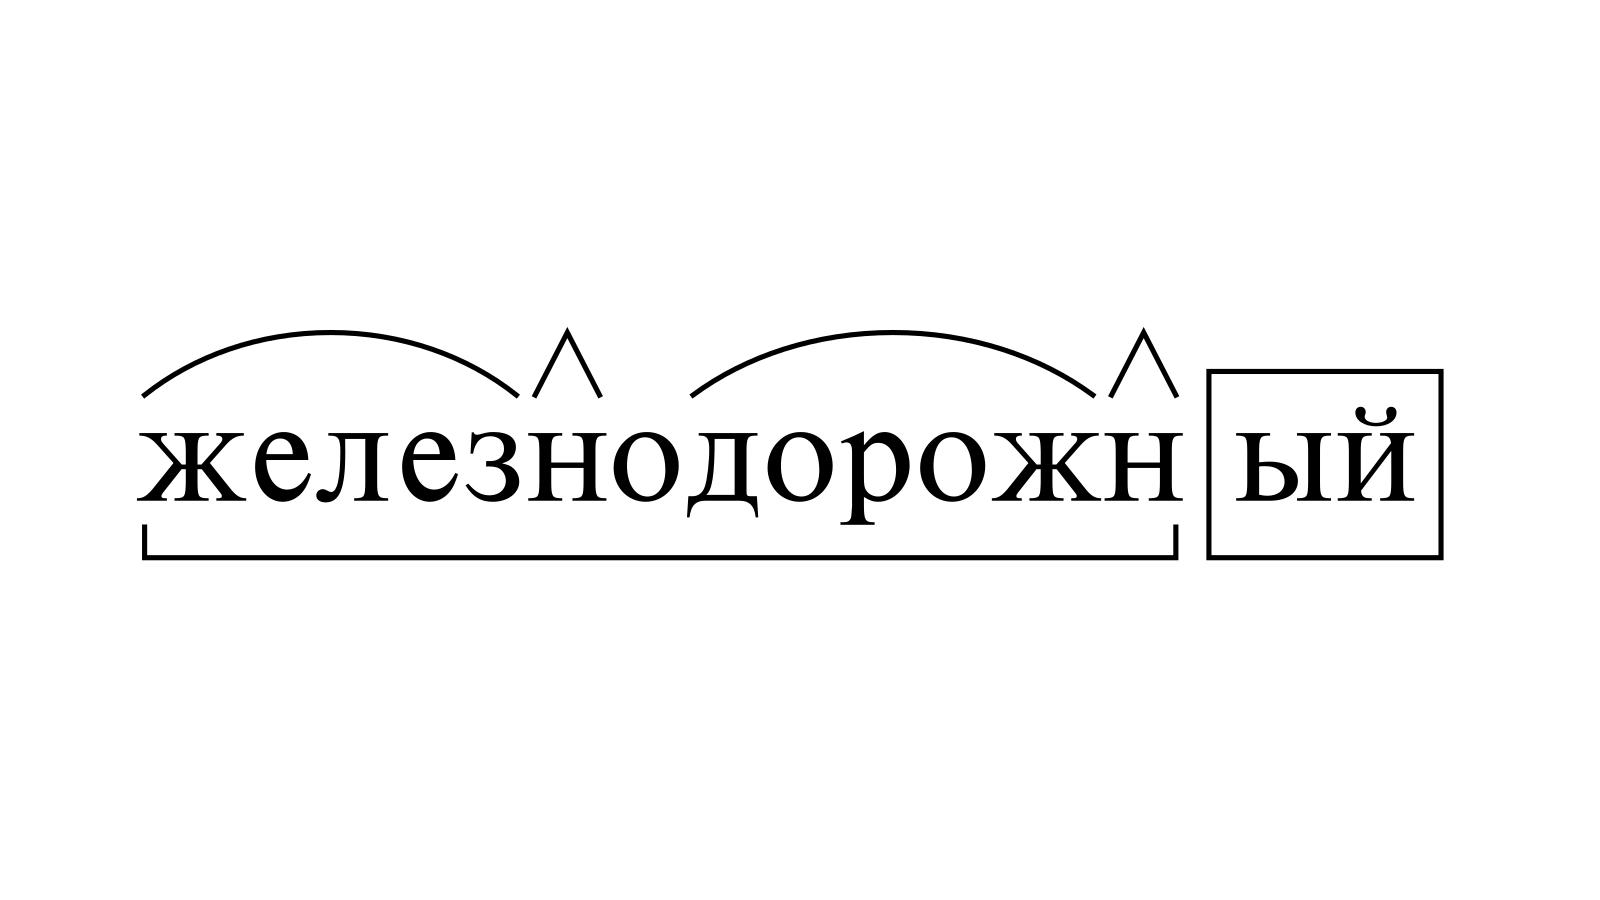 Разбор слова «железнодорожный» по составу